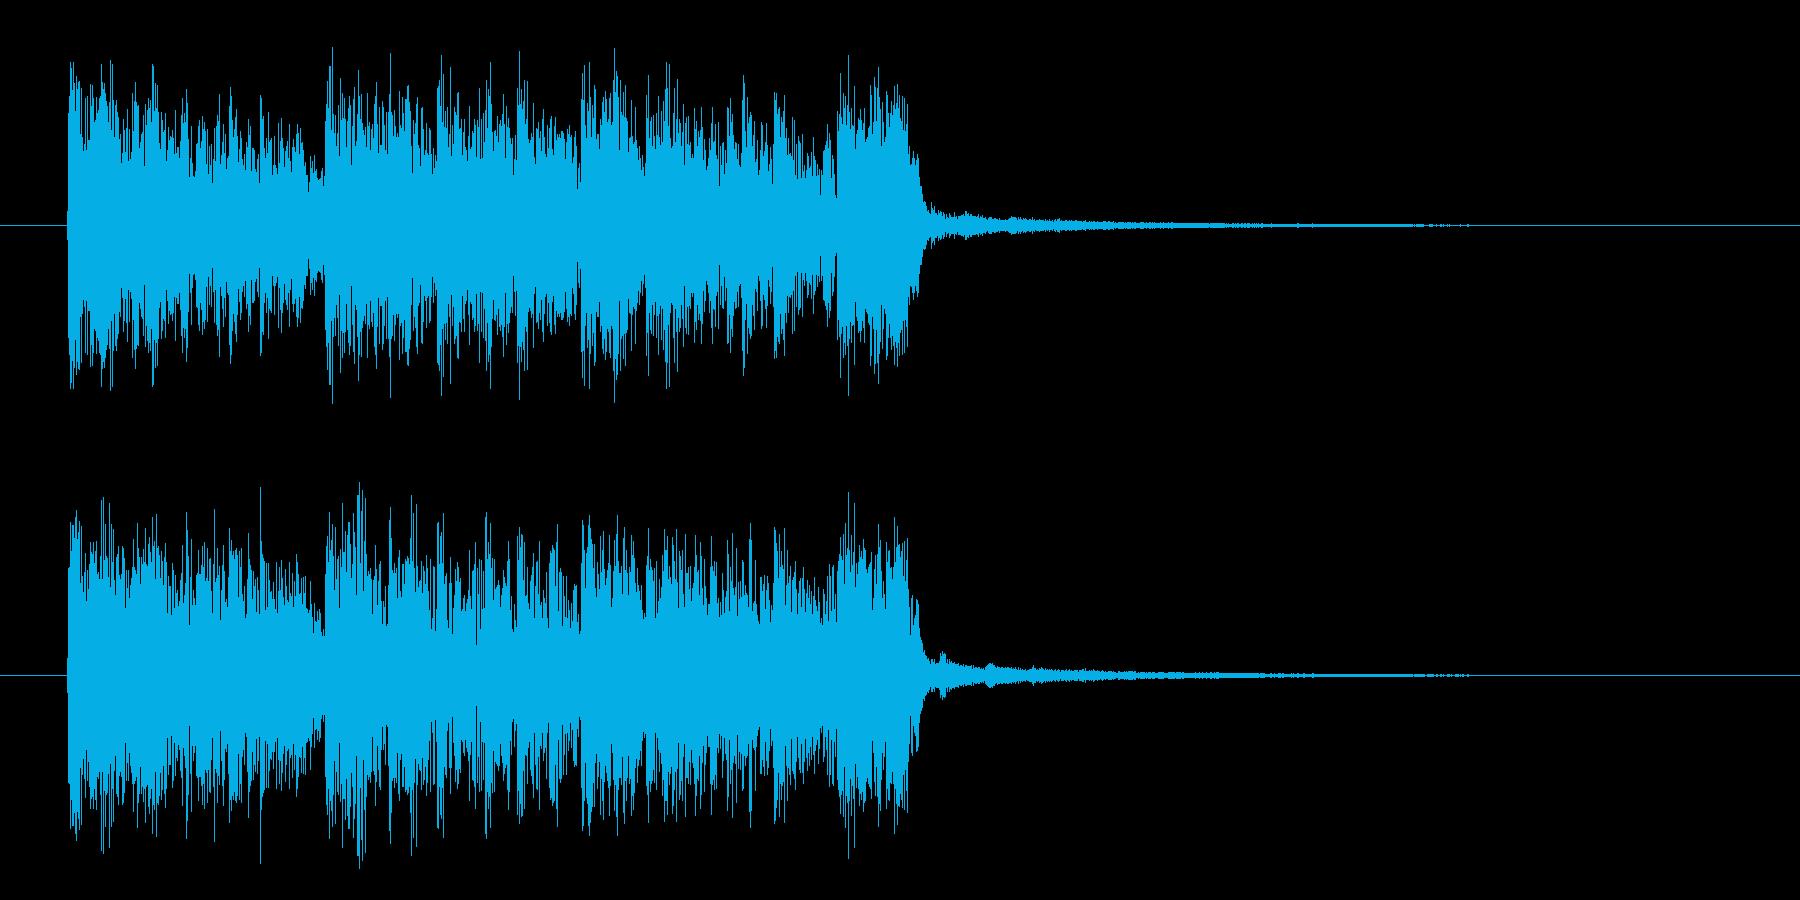 ロックでパンクなエレキジングルサウンドの再生済みの波形